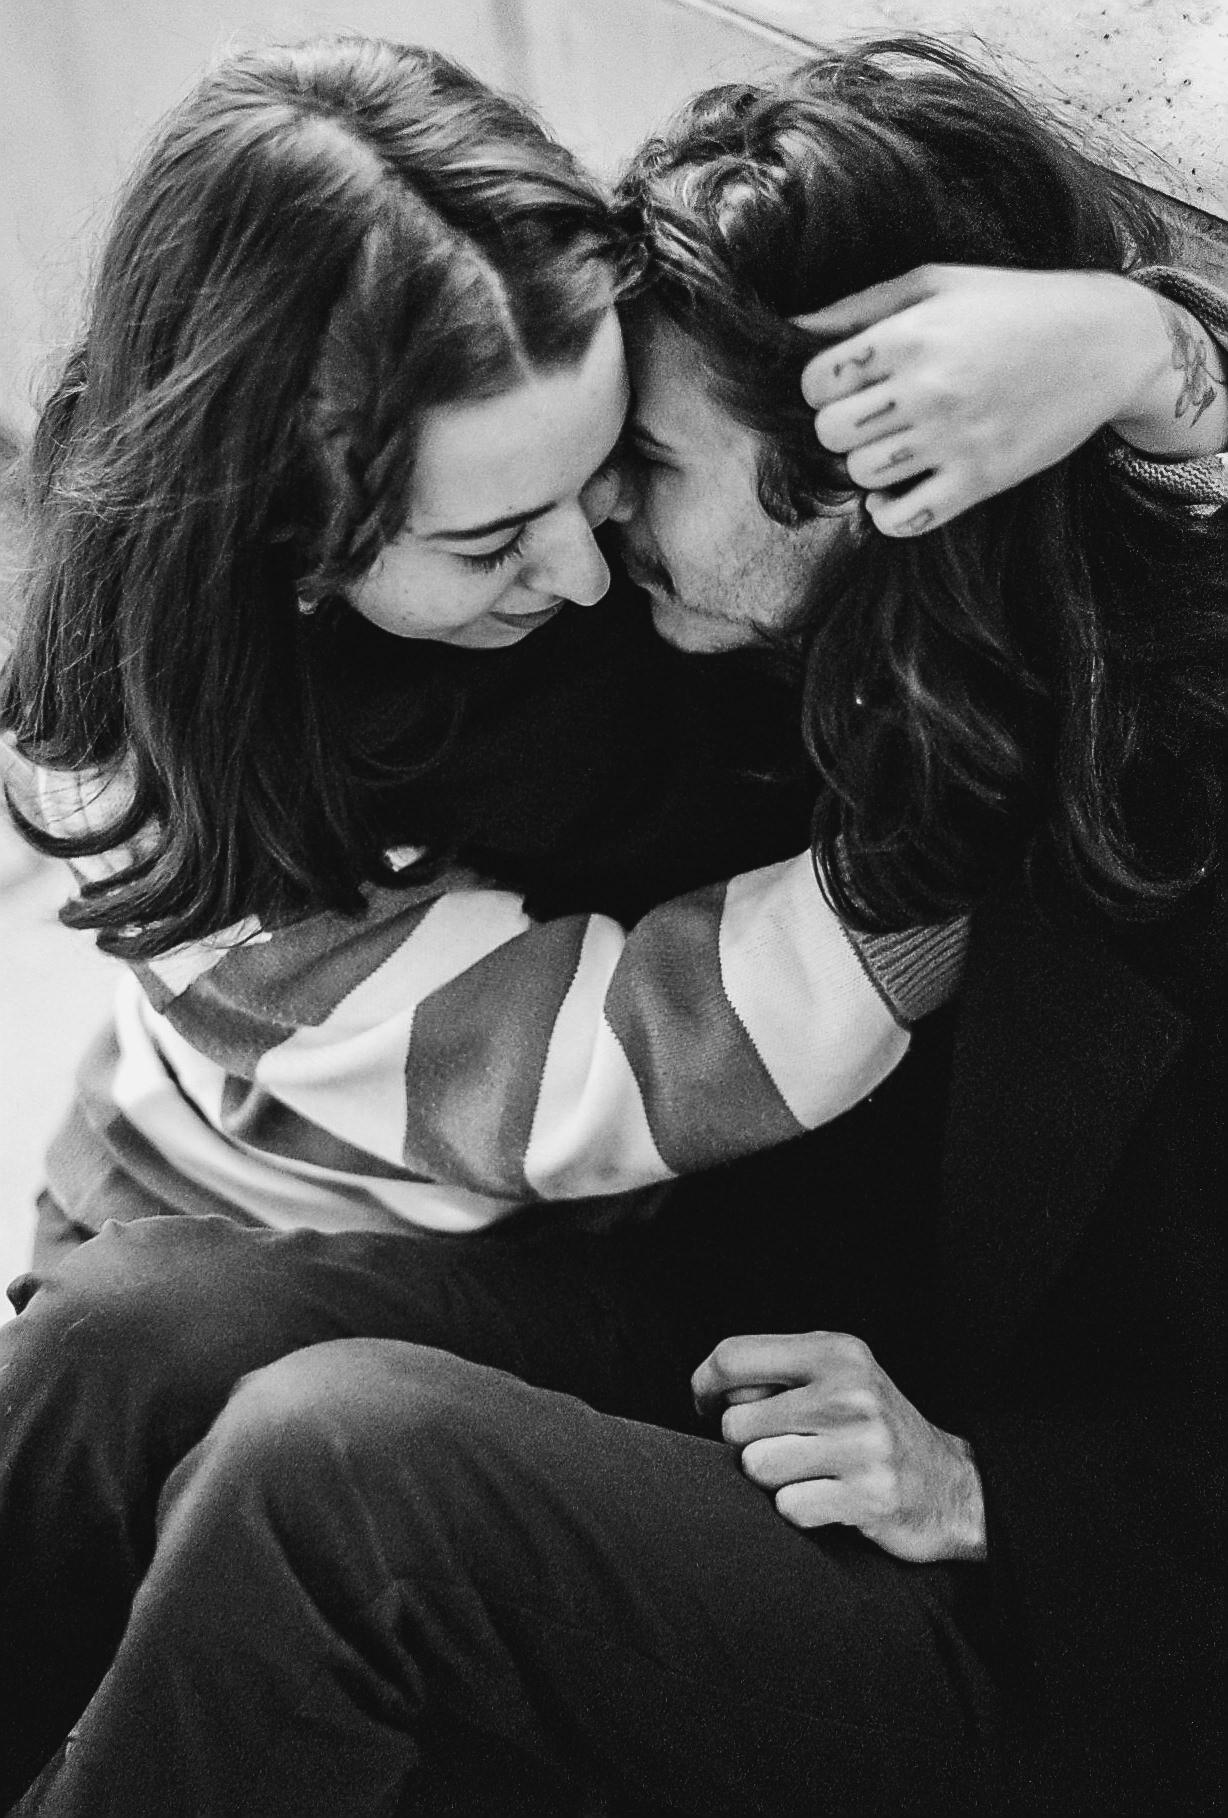 Léa-Fery-photographe-professionnel-lyon-rhone-alpes-portrait-creation-mariage-evenement-evenementiel-famille-000013.jpg